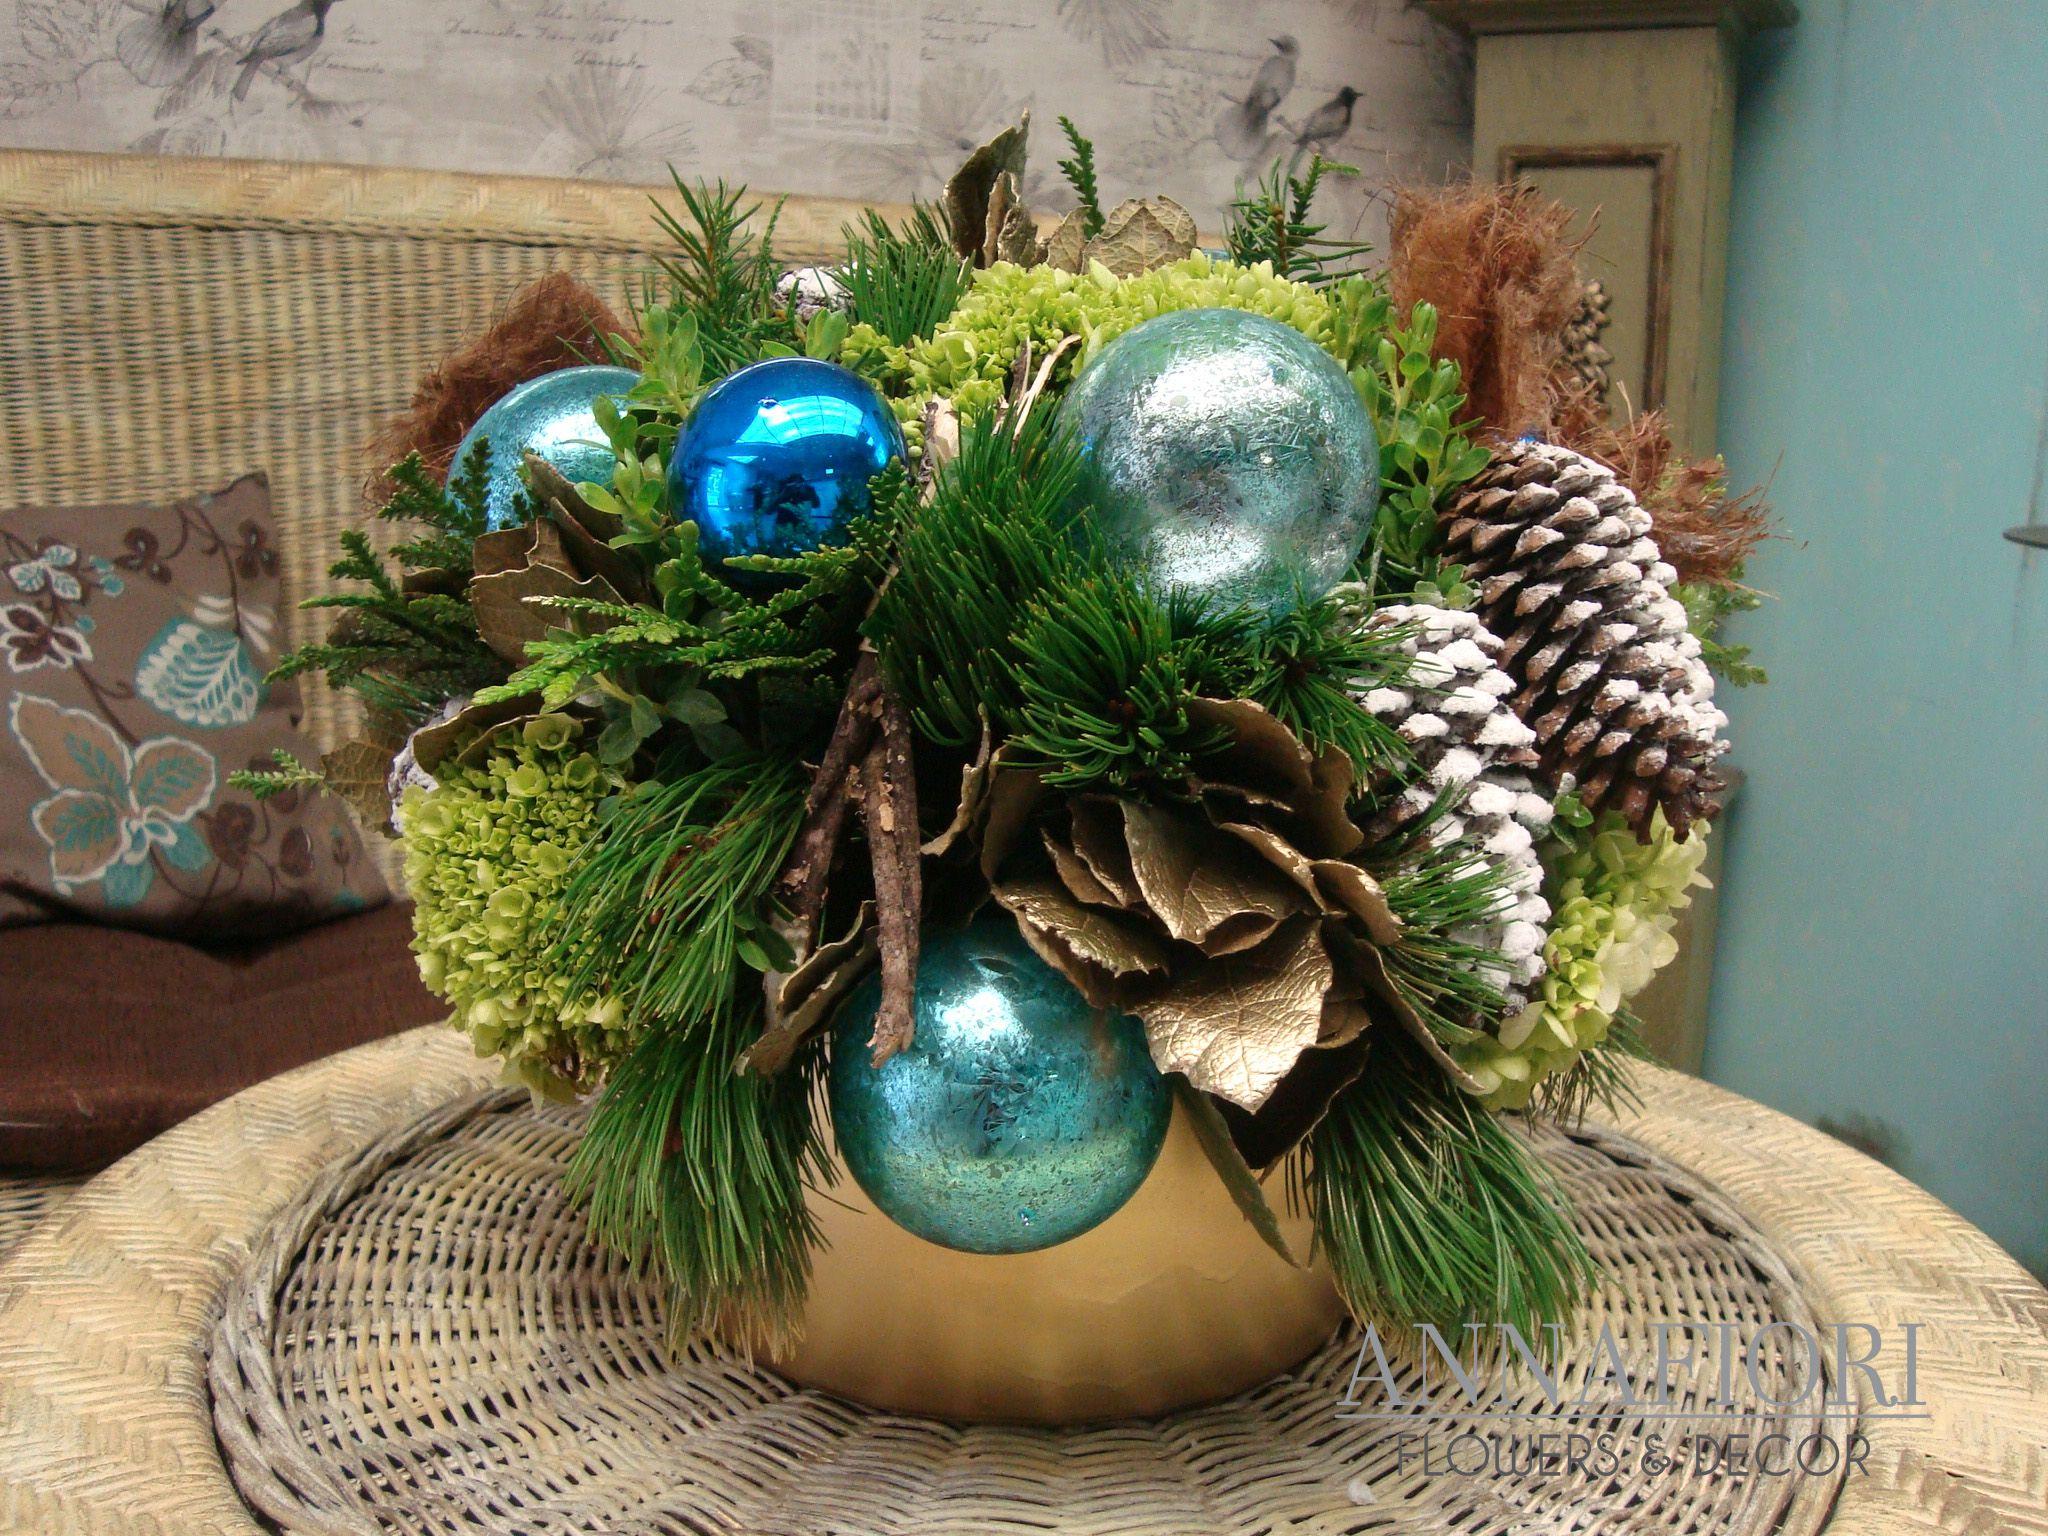 Arreglo floral centro de mesa navide o dorado con azul - Decoracion navidena rustica ...